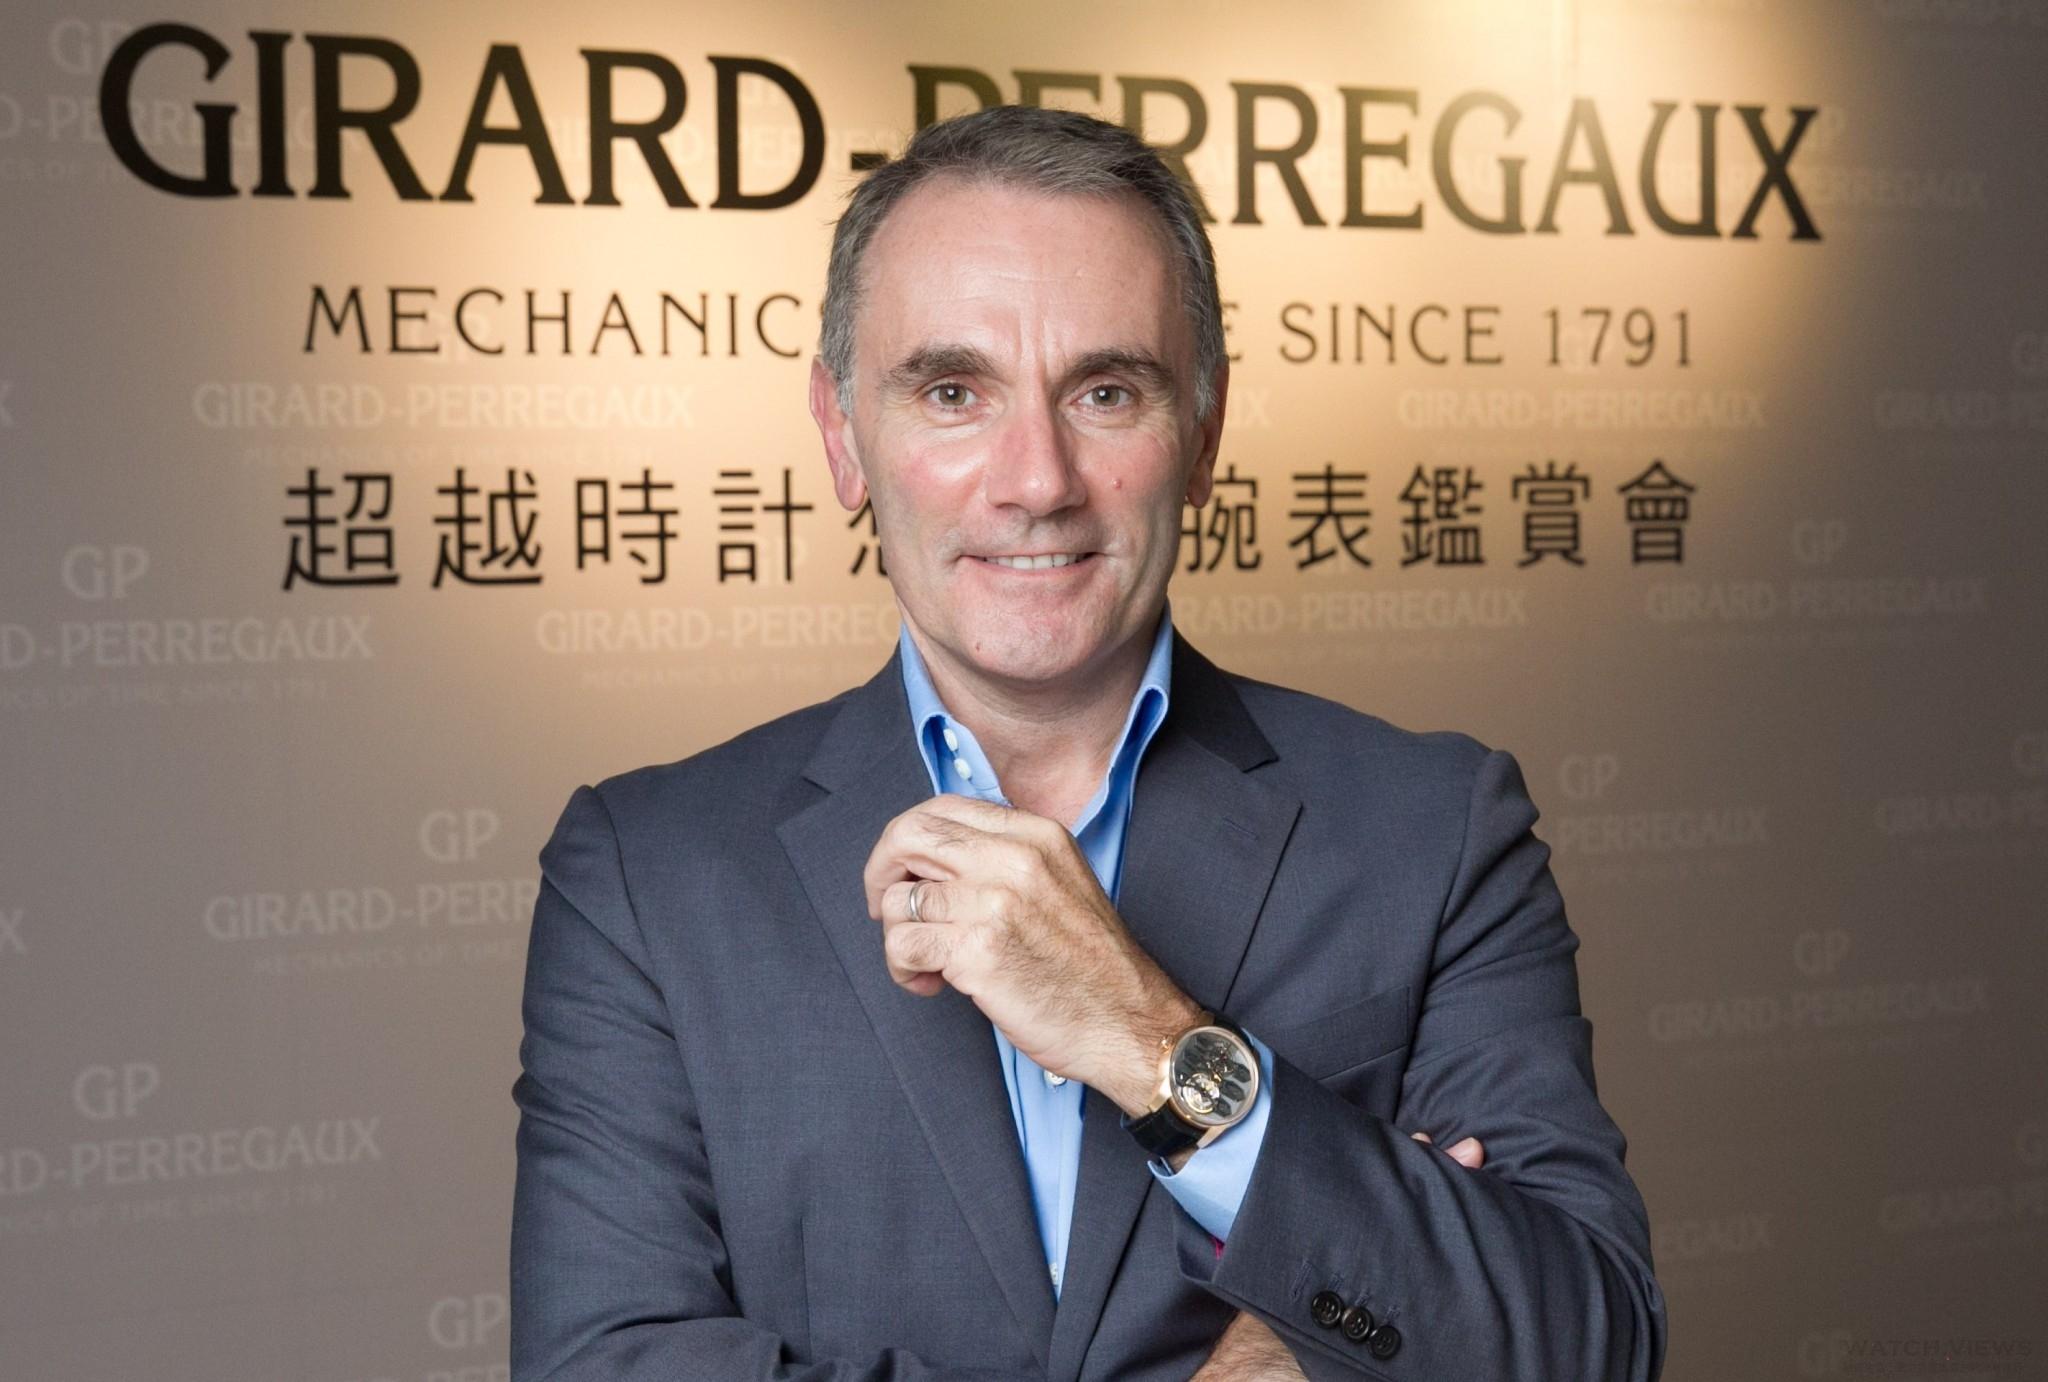 【人物專訪】整裝旗鼓、蓄勢待發:芝柏錶全球業務總監Jean-Marc Bories